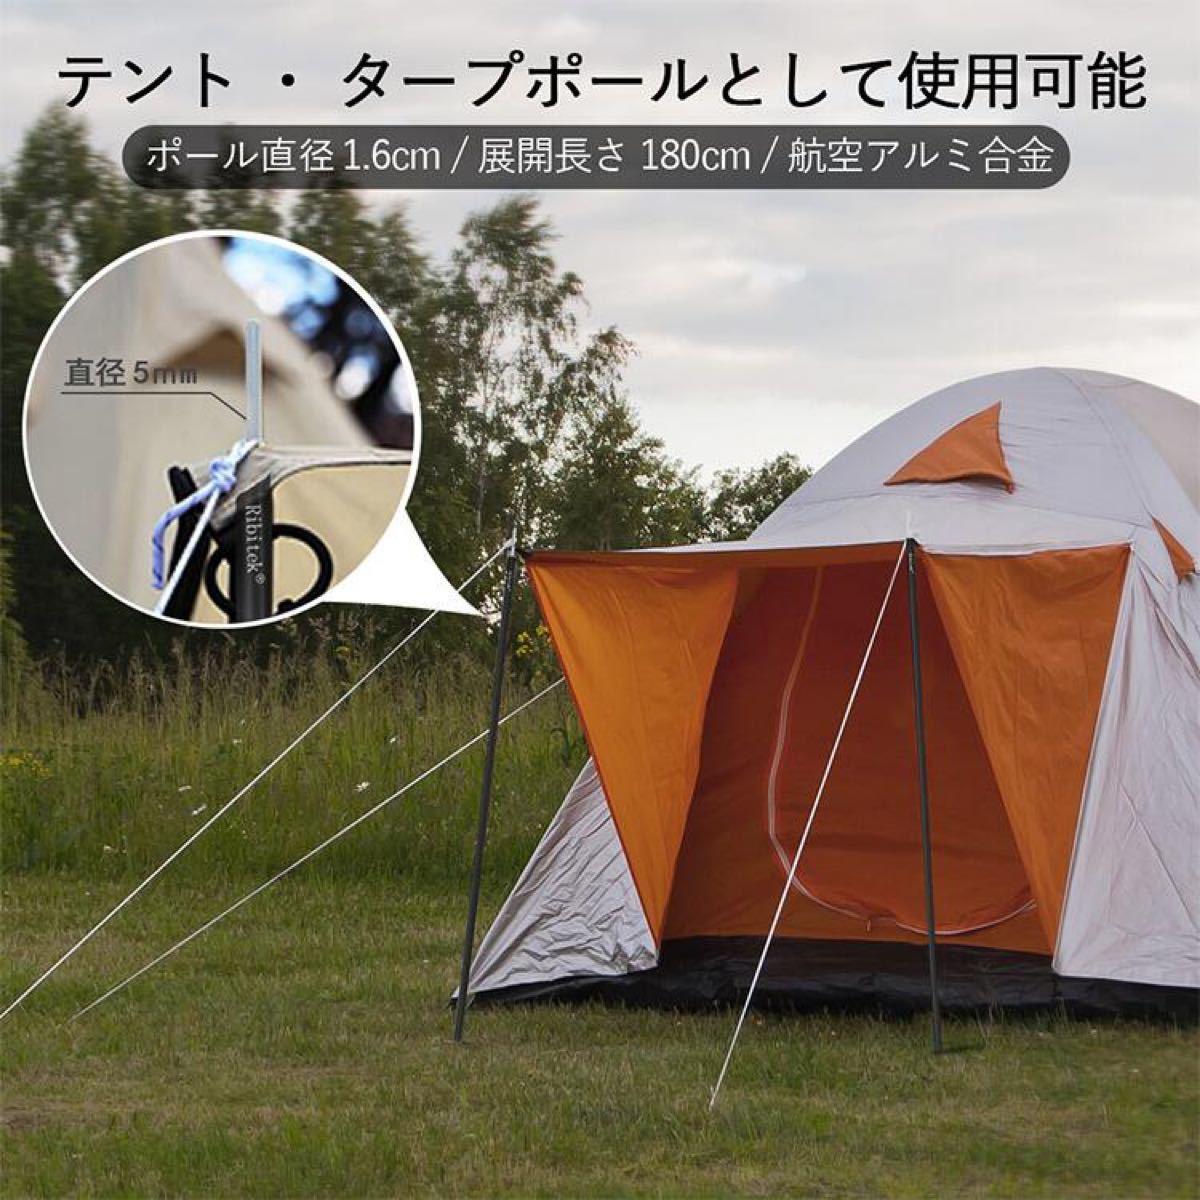 ランタンスタンド 安定 コンパクト 軽量 テント・タープポール使用可能 ランタンスタンド ランタンハンガー ソロキャンプ